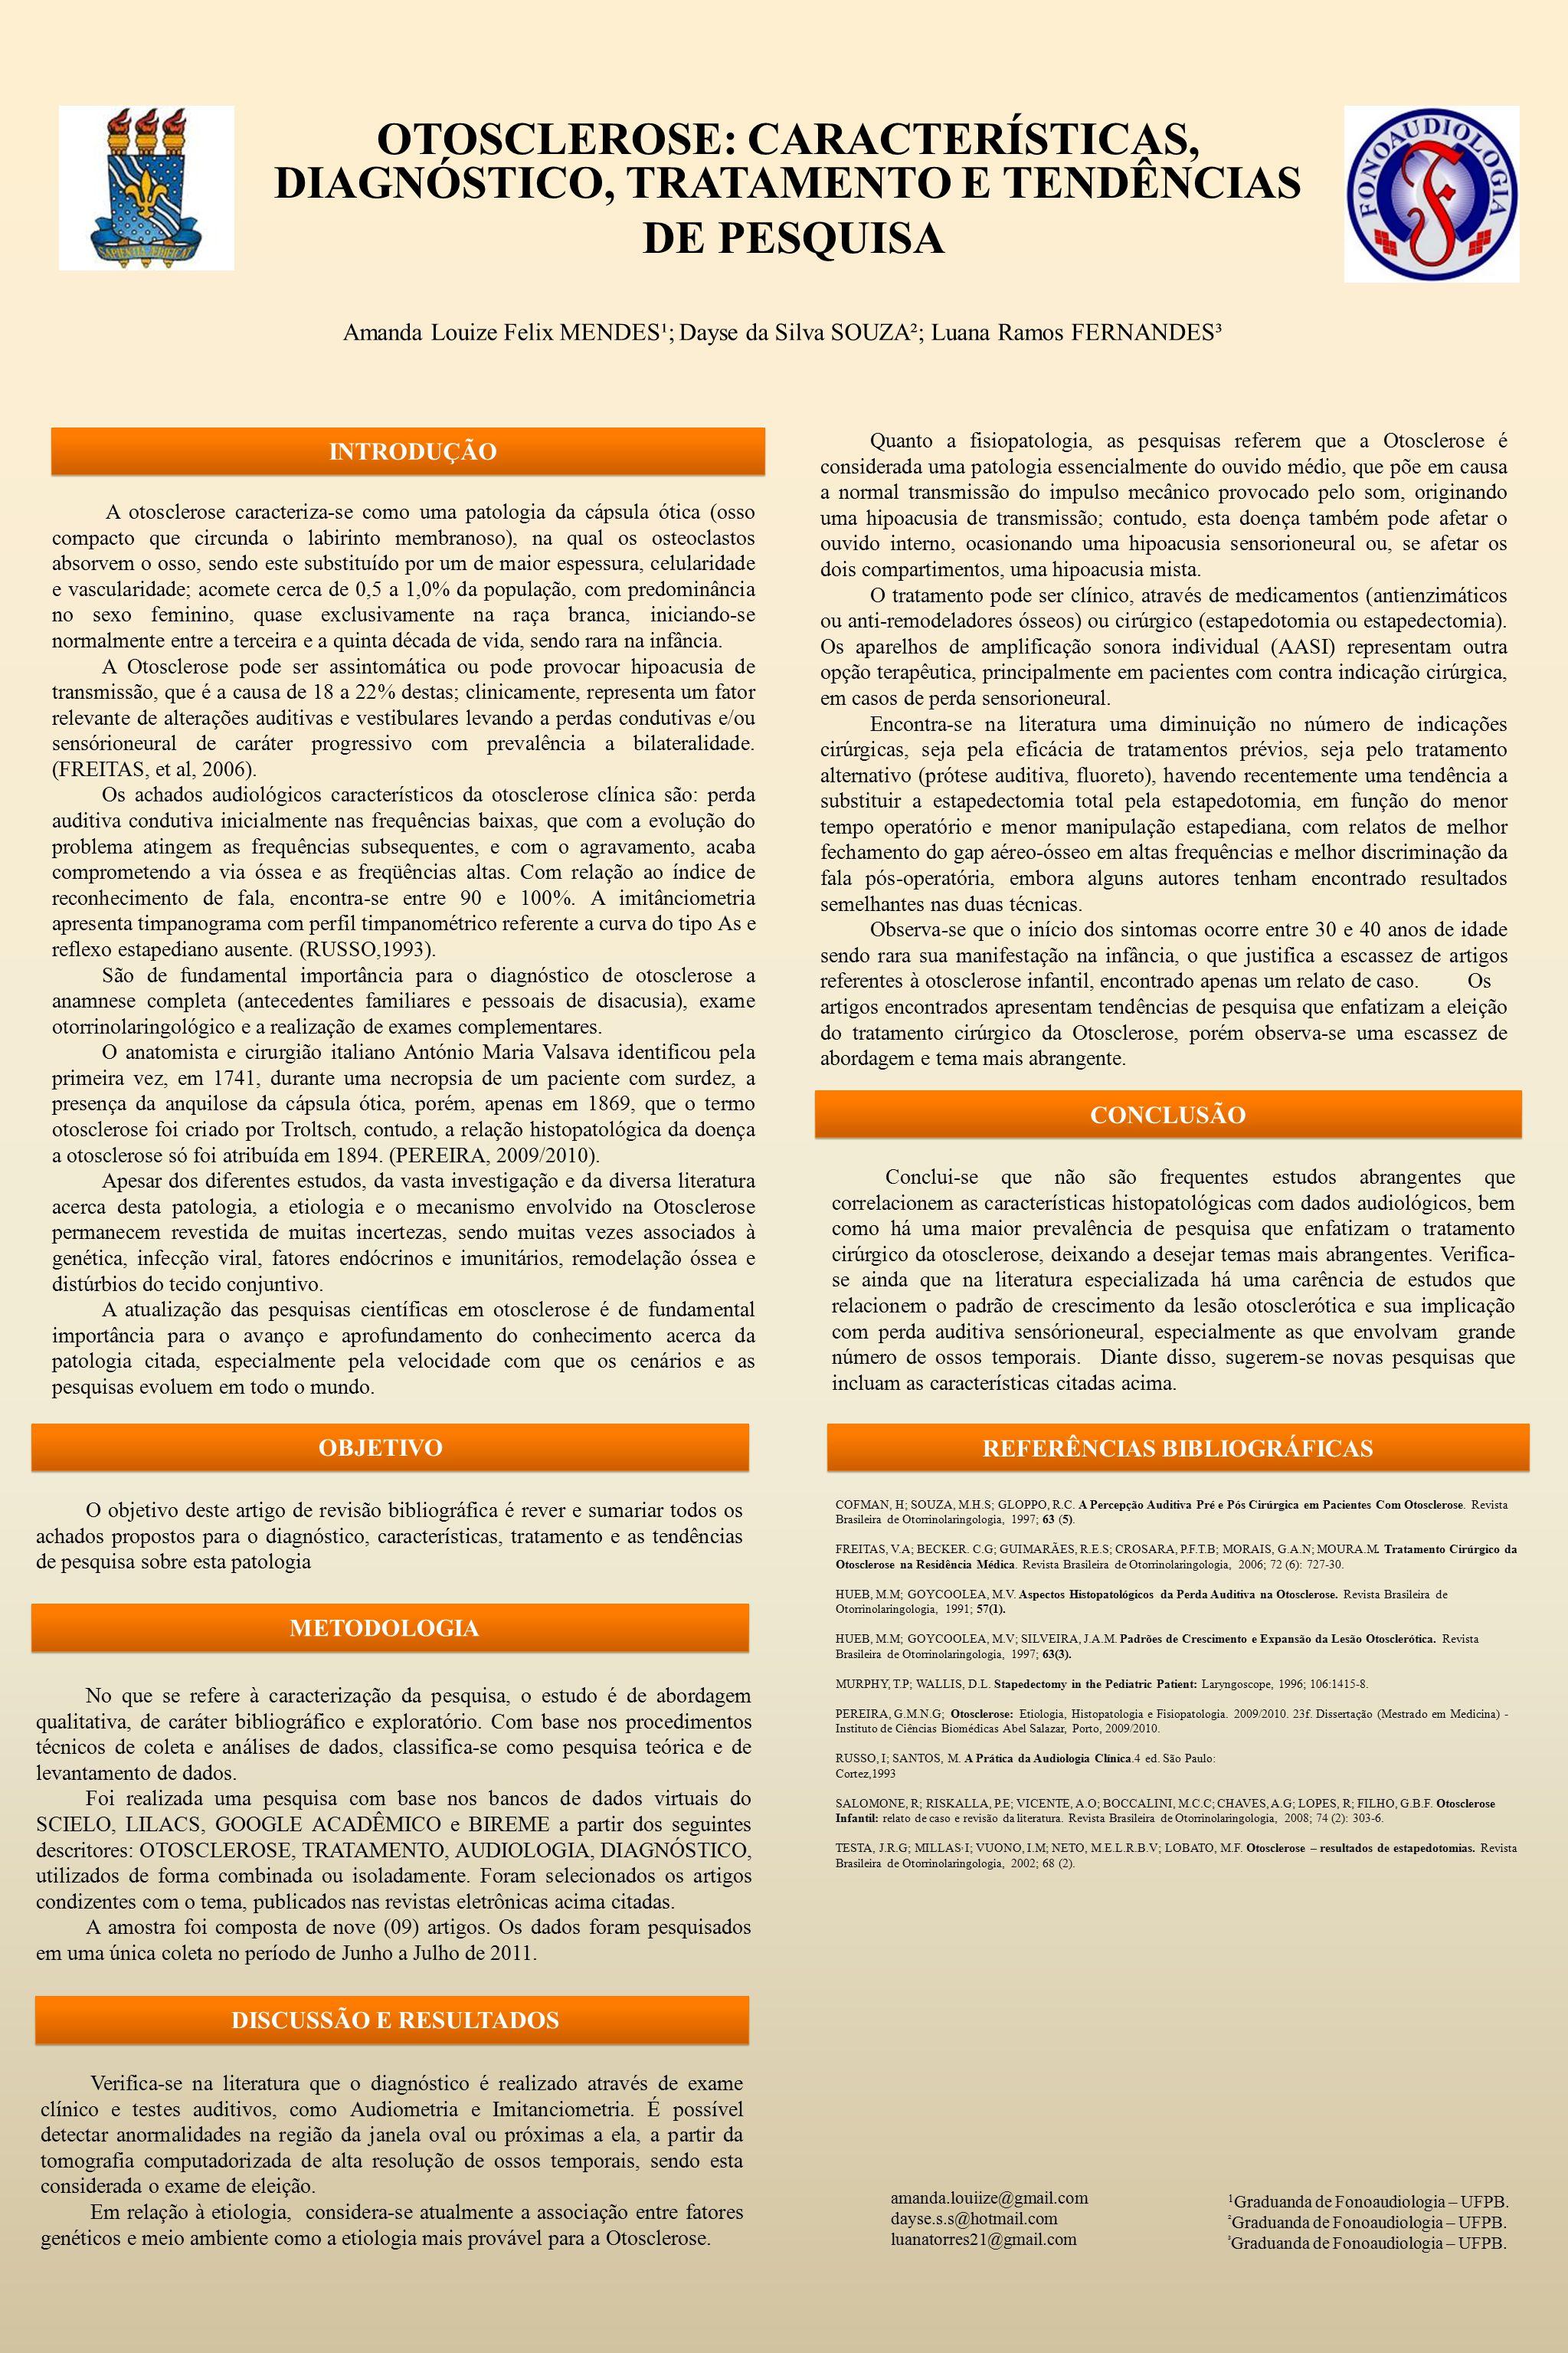 OTOSCLEROSE: CARACTERÍSTICAS, DIAGNÓSTICO, TRATAMENTO E TENDÊNCIAS DE PESQUISA No que se refere à caracterização da pesquisa, o estudo é de abordagem